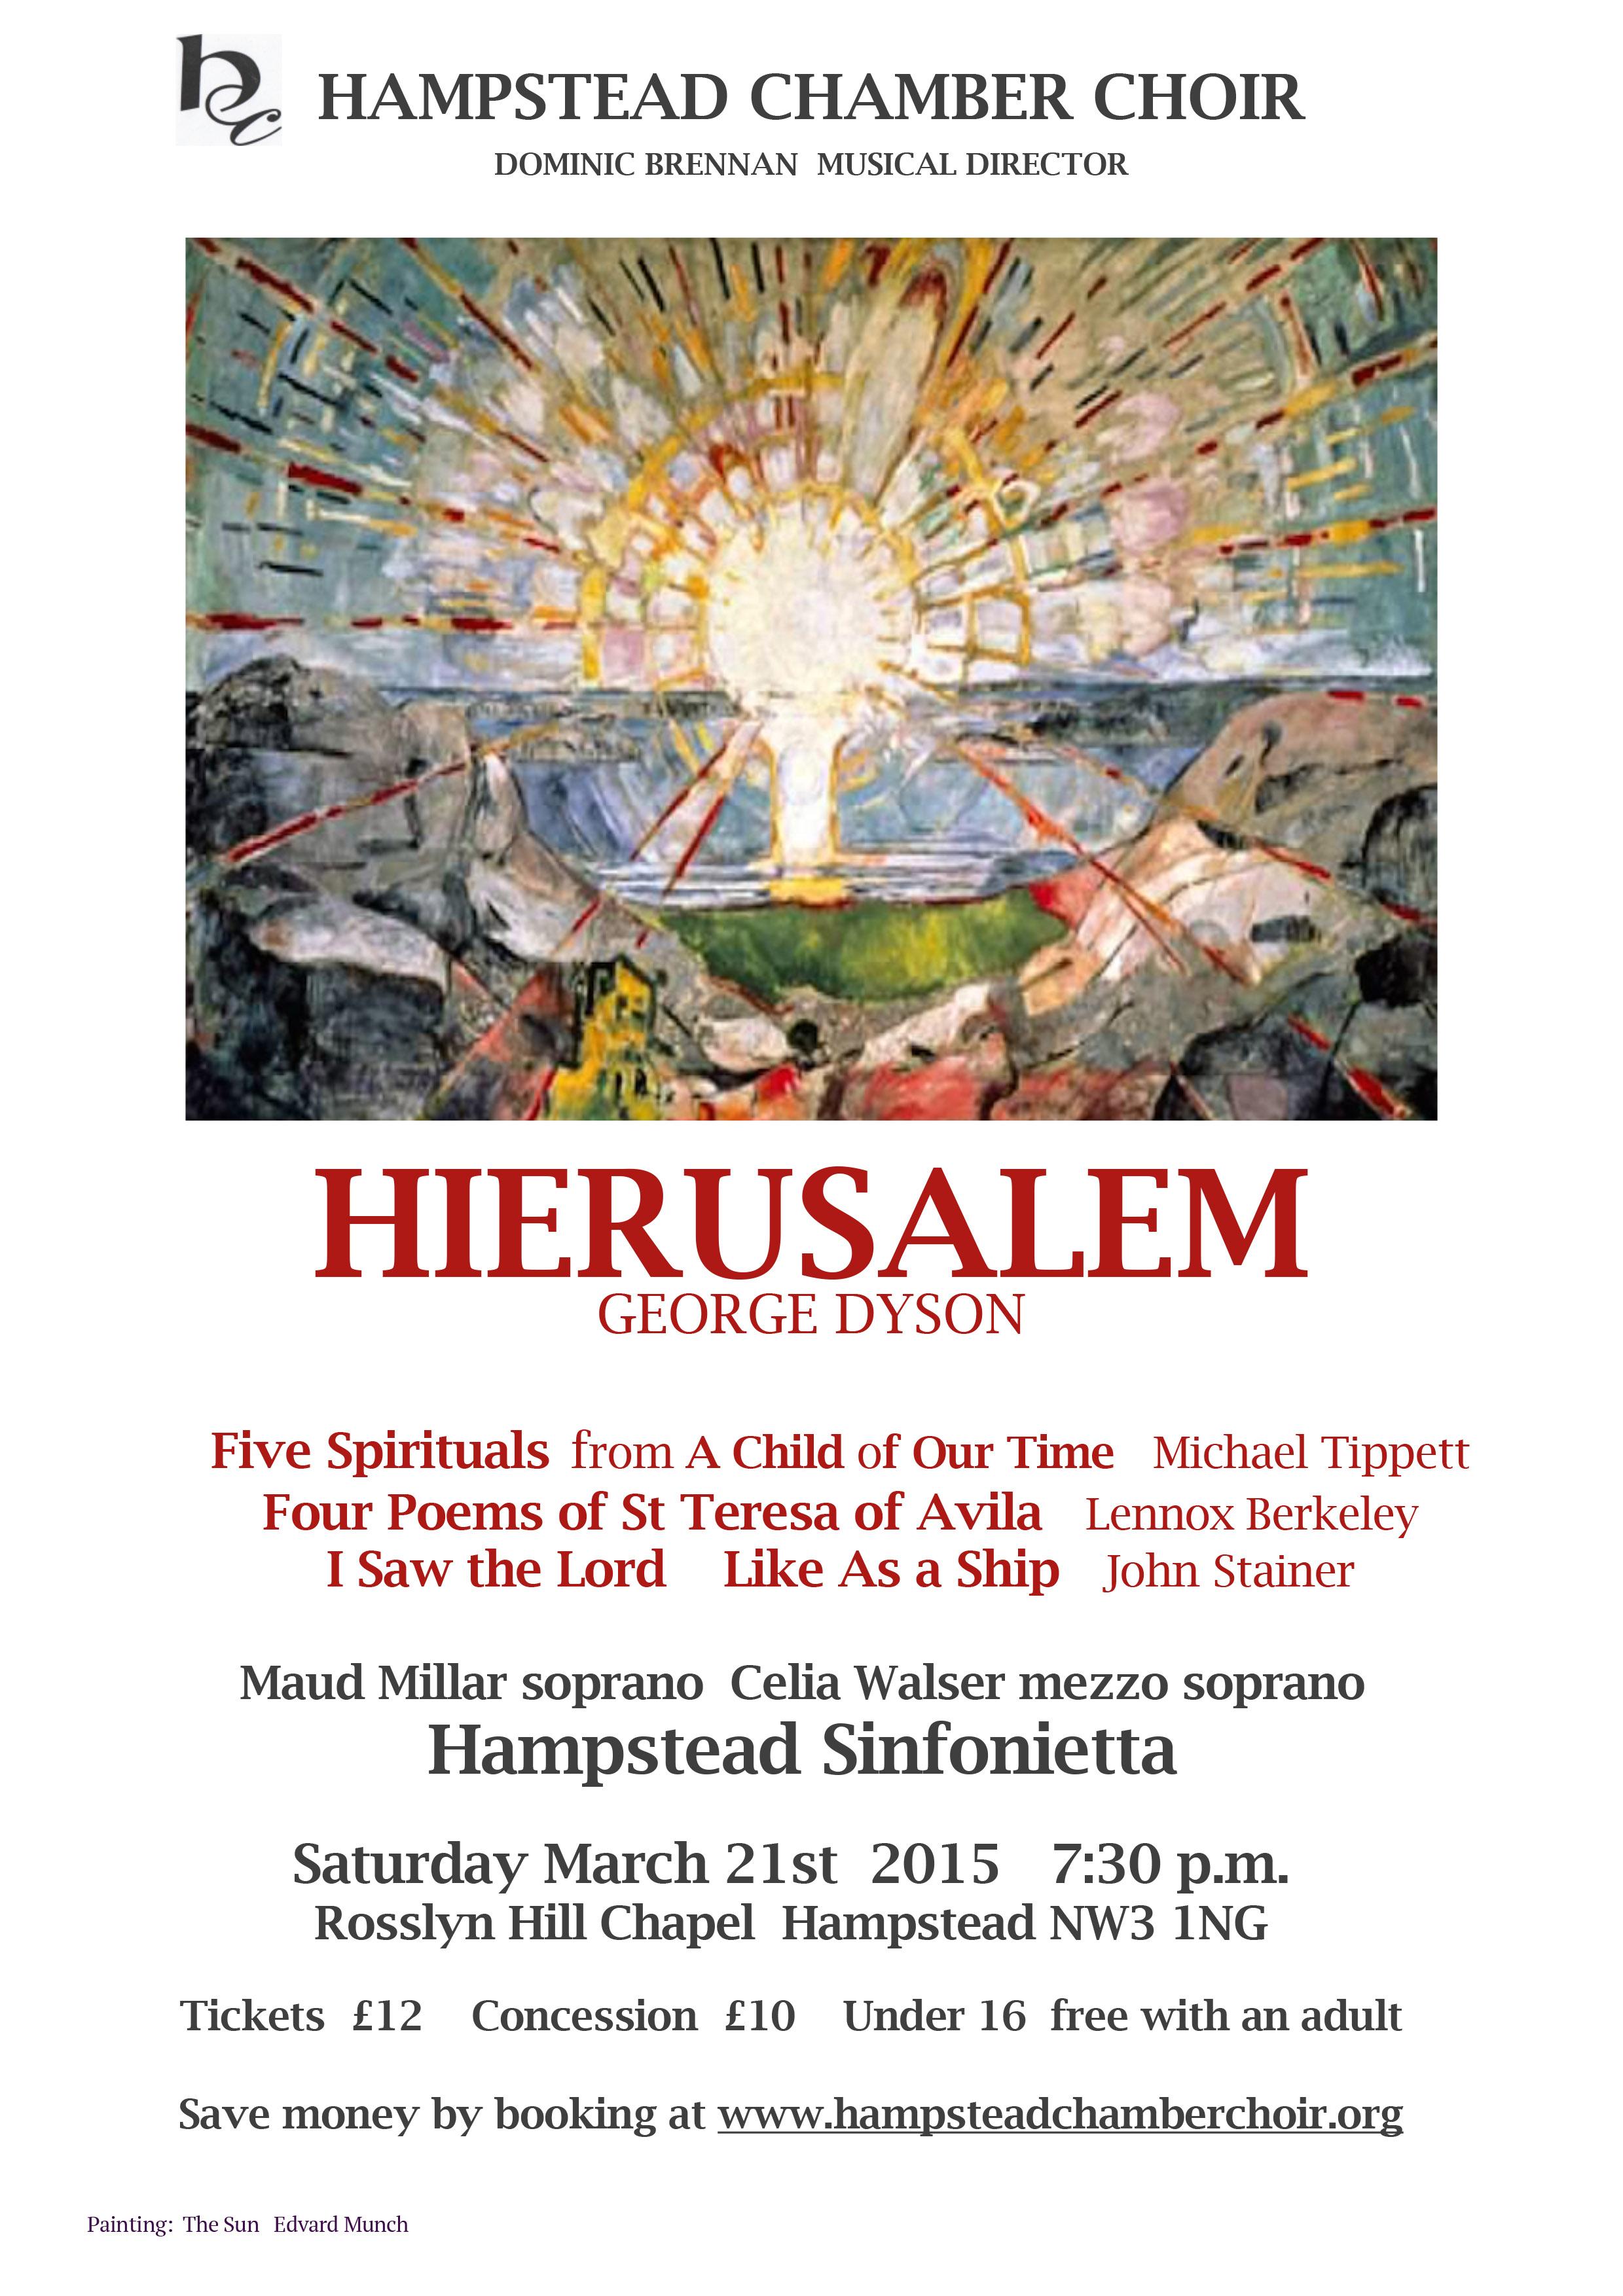 Hierusalem concert poster